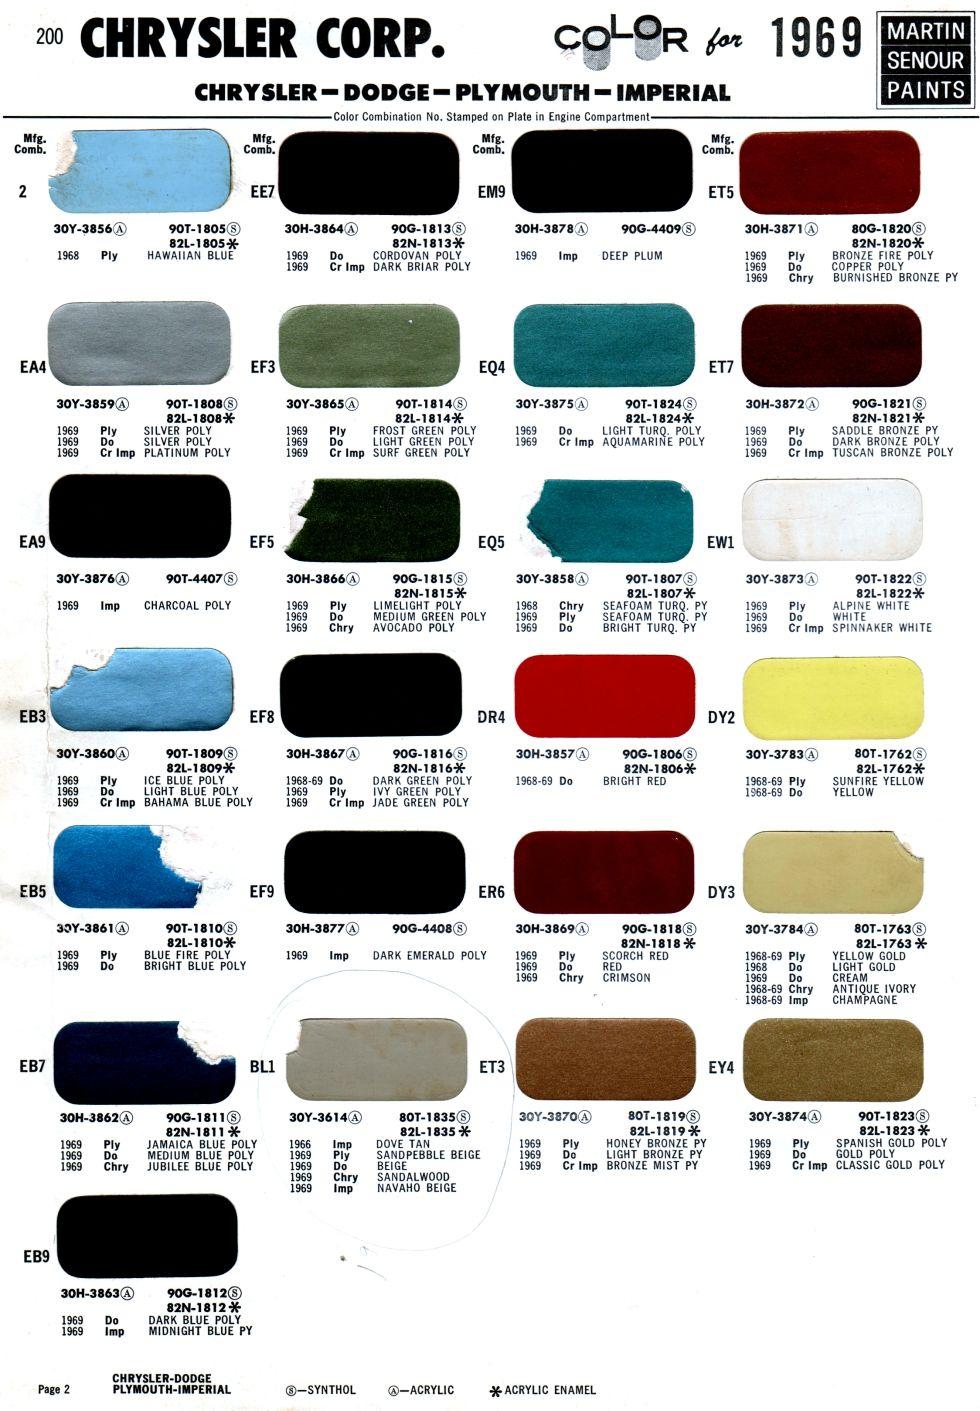 Dupont Automotive Paint Colors : dupont, automotive, paint, colors, Chrysler, Imperial, Automotive, Refinish, Colors, Paint, Colors,, Painting,, Color